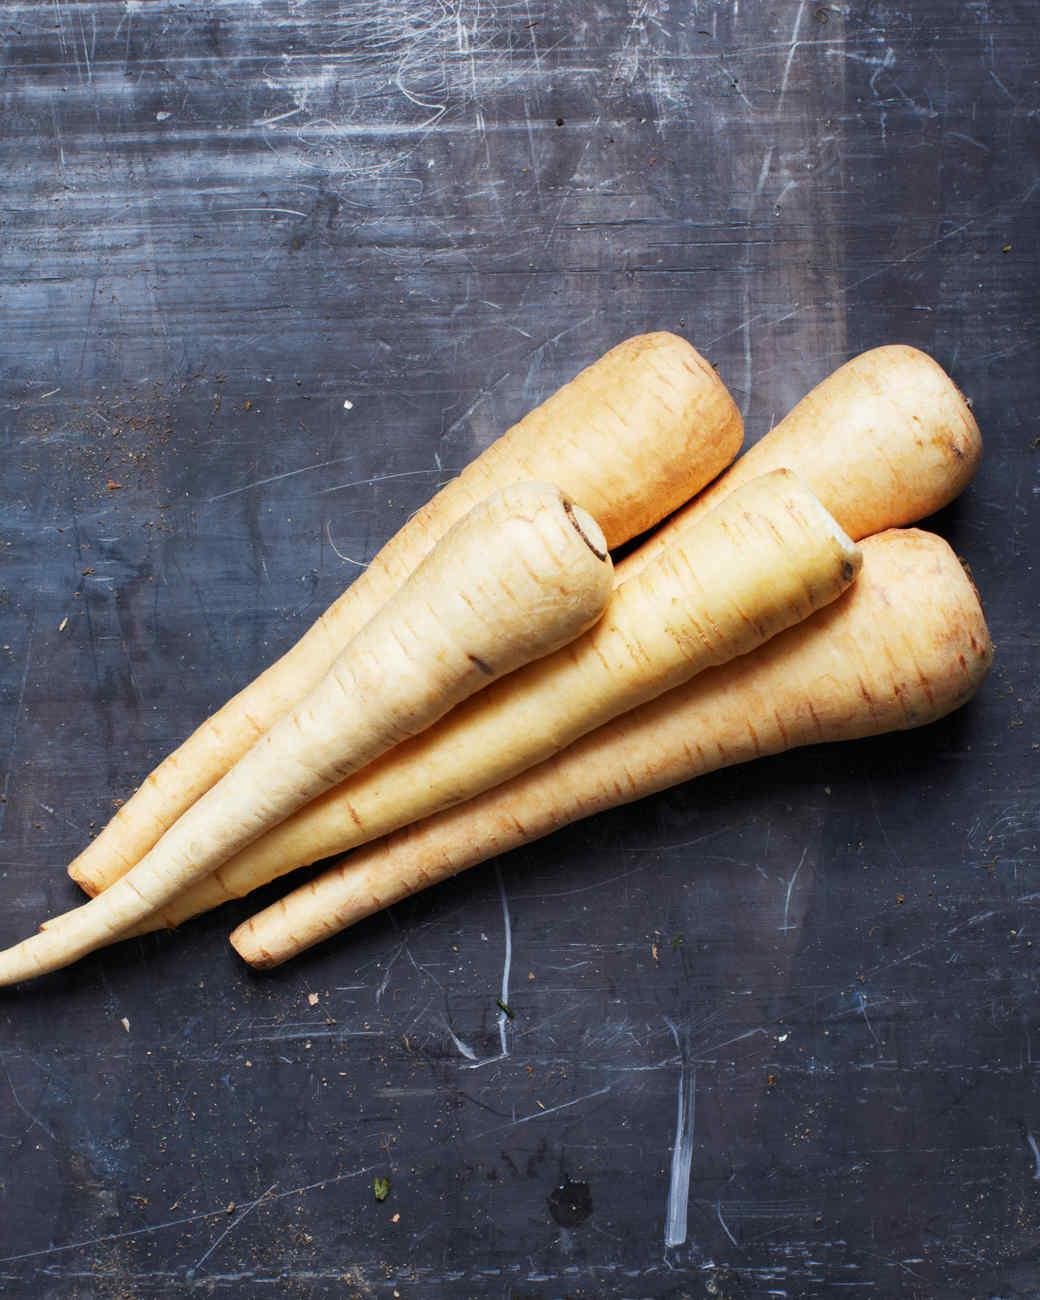 parsnip-roots-tubers-215-d110486.jpg